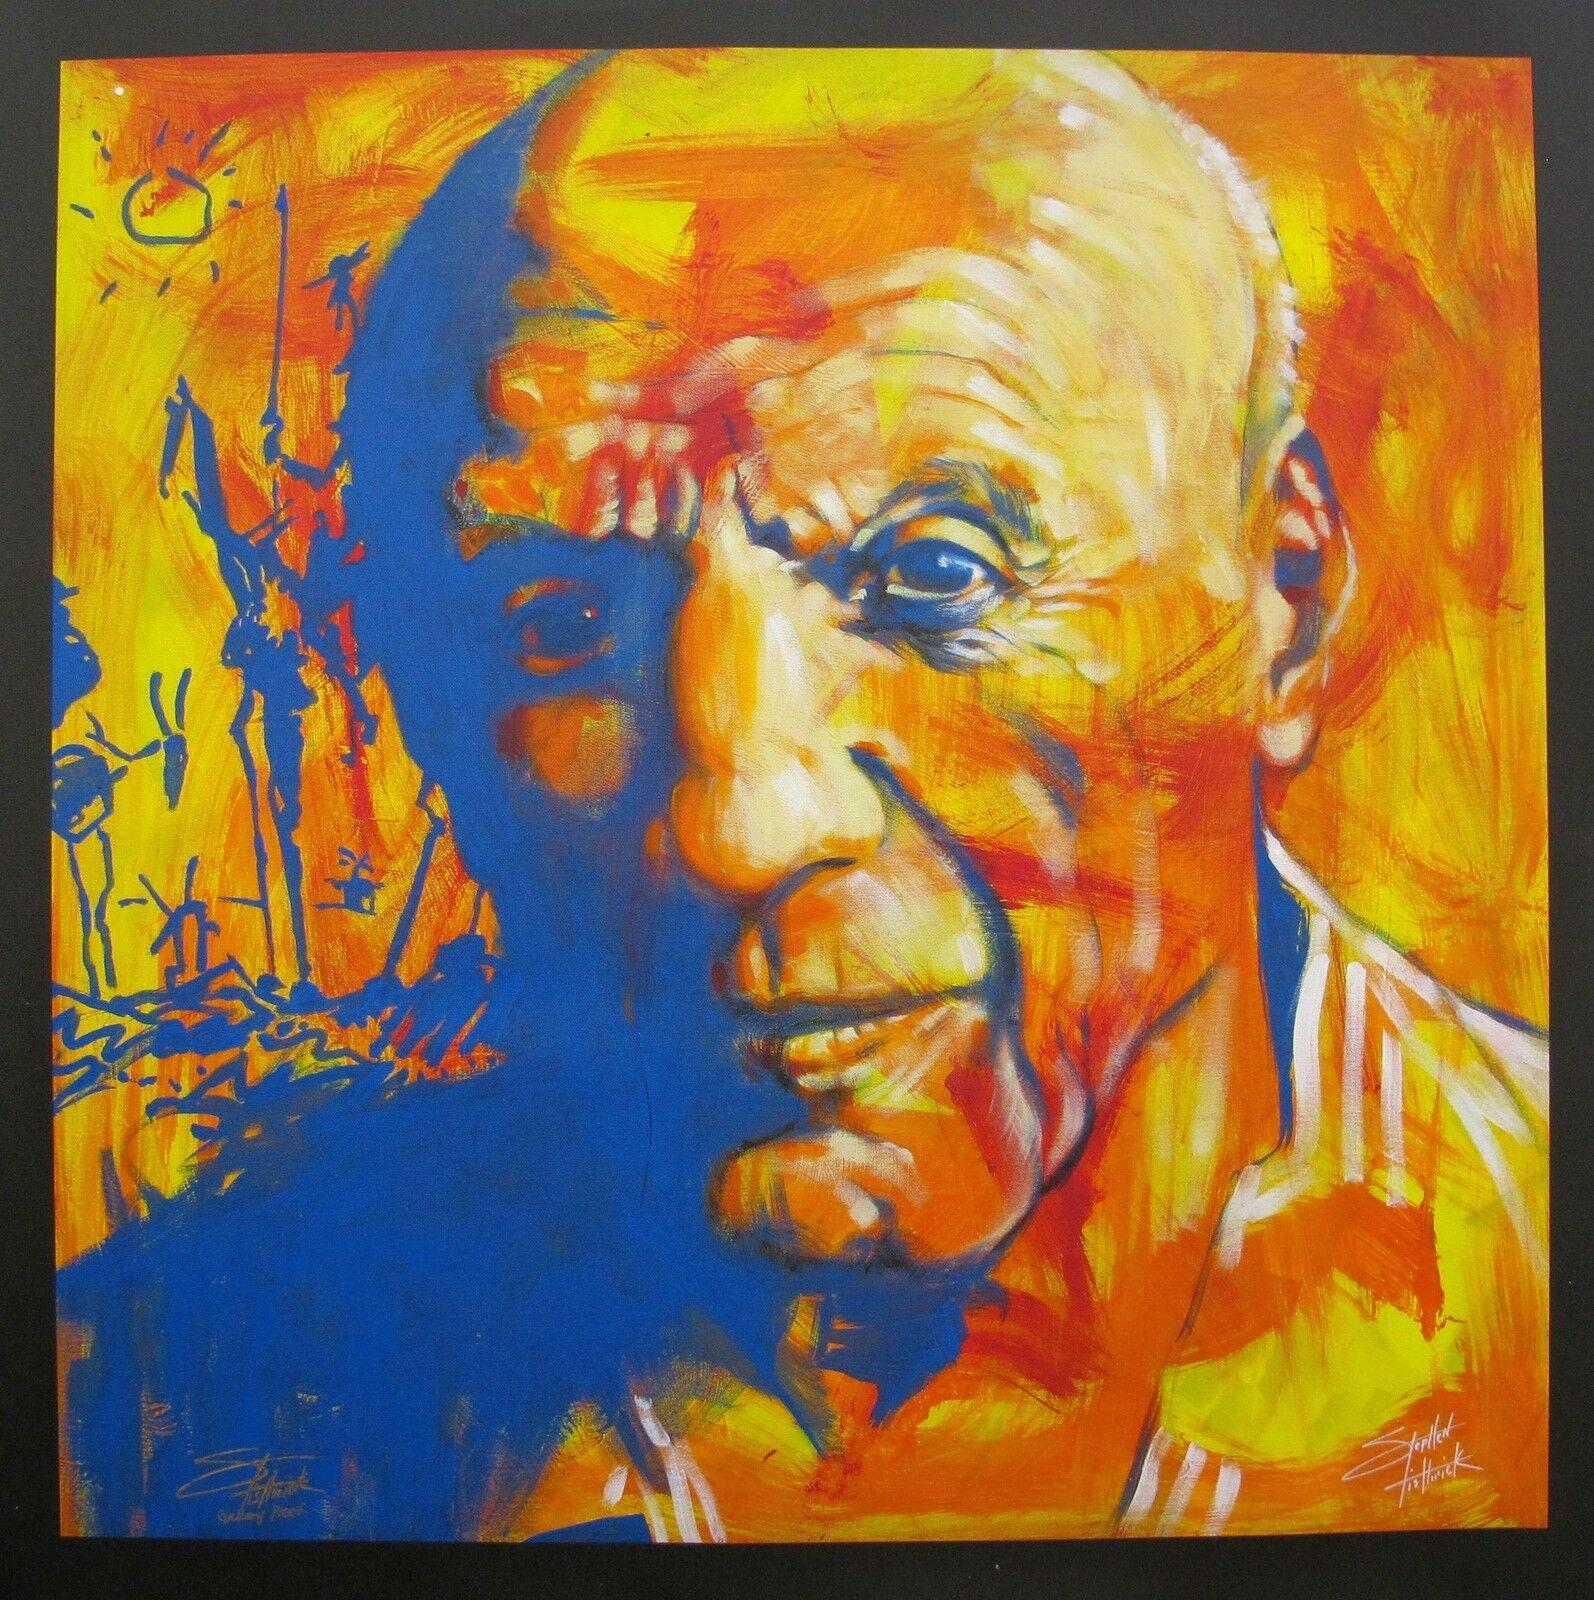 """STEPHEN FISHWICK """"Pablo Picasso"""" Ev Dekorasyon El Sanatları / Açık Tuval Wall Art Kanvas Resimleri Duvar Dekorların 201002 Boyama HD Baskı Yağ"""